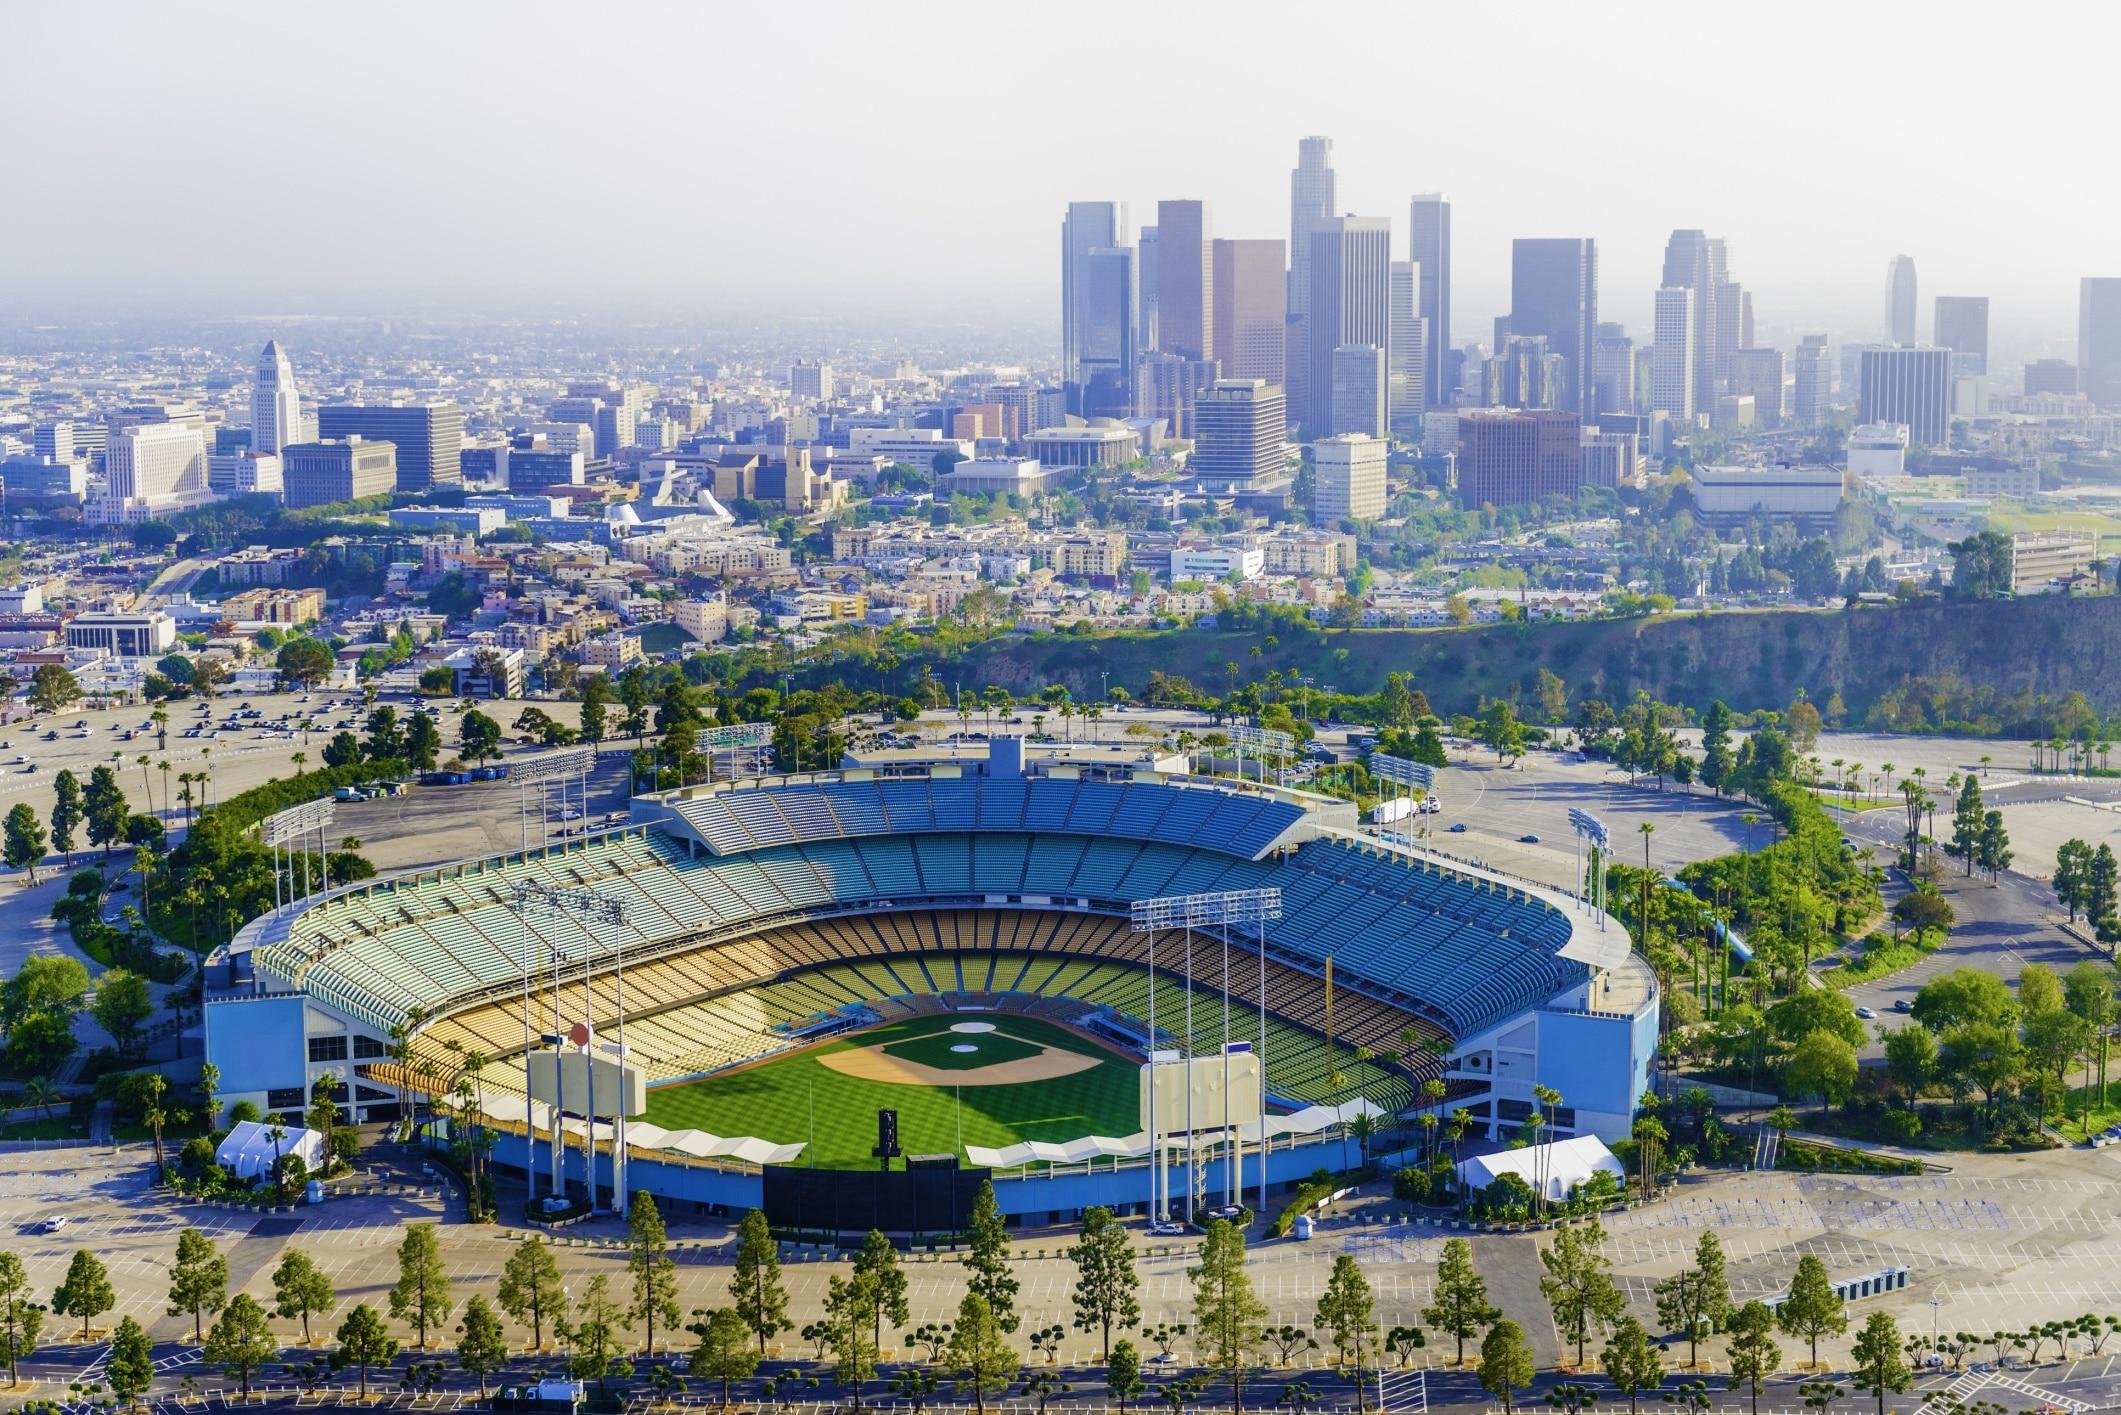 Se något evenemang på Dodger Stadium medan du är i Los Angeles. Njut av underhållningen och teatrarna i detta livliga område.